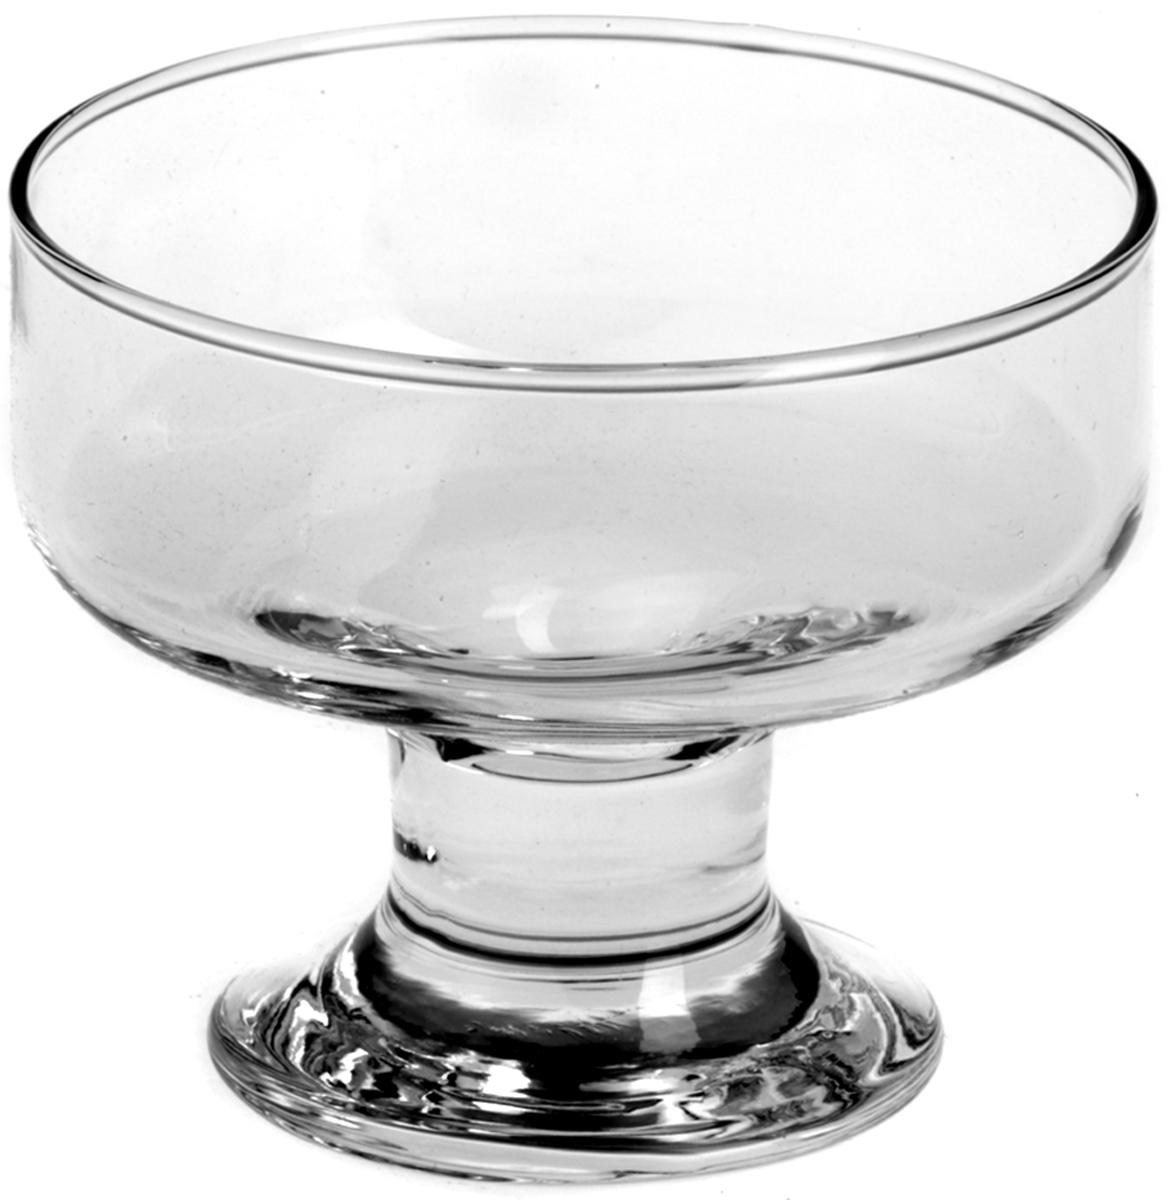 Набор креманок Pasabahce Ice Ville, цвет: прозрачный, диаметр 10 см, 3 шт41116B/Набор Pasabahce Ice Ville состоит из трех креманок, выполненных из стекла. Изделия оснащены ножками. Креманки сочетают в себе элегантный дизайн и функциональность. Диаметр: 10 см. Высота: 8,9 см.